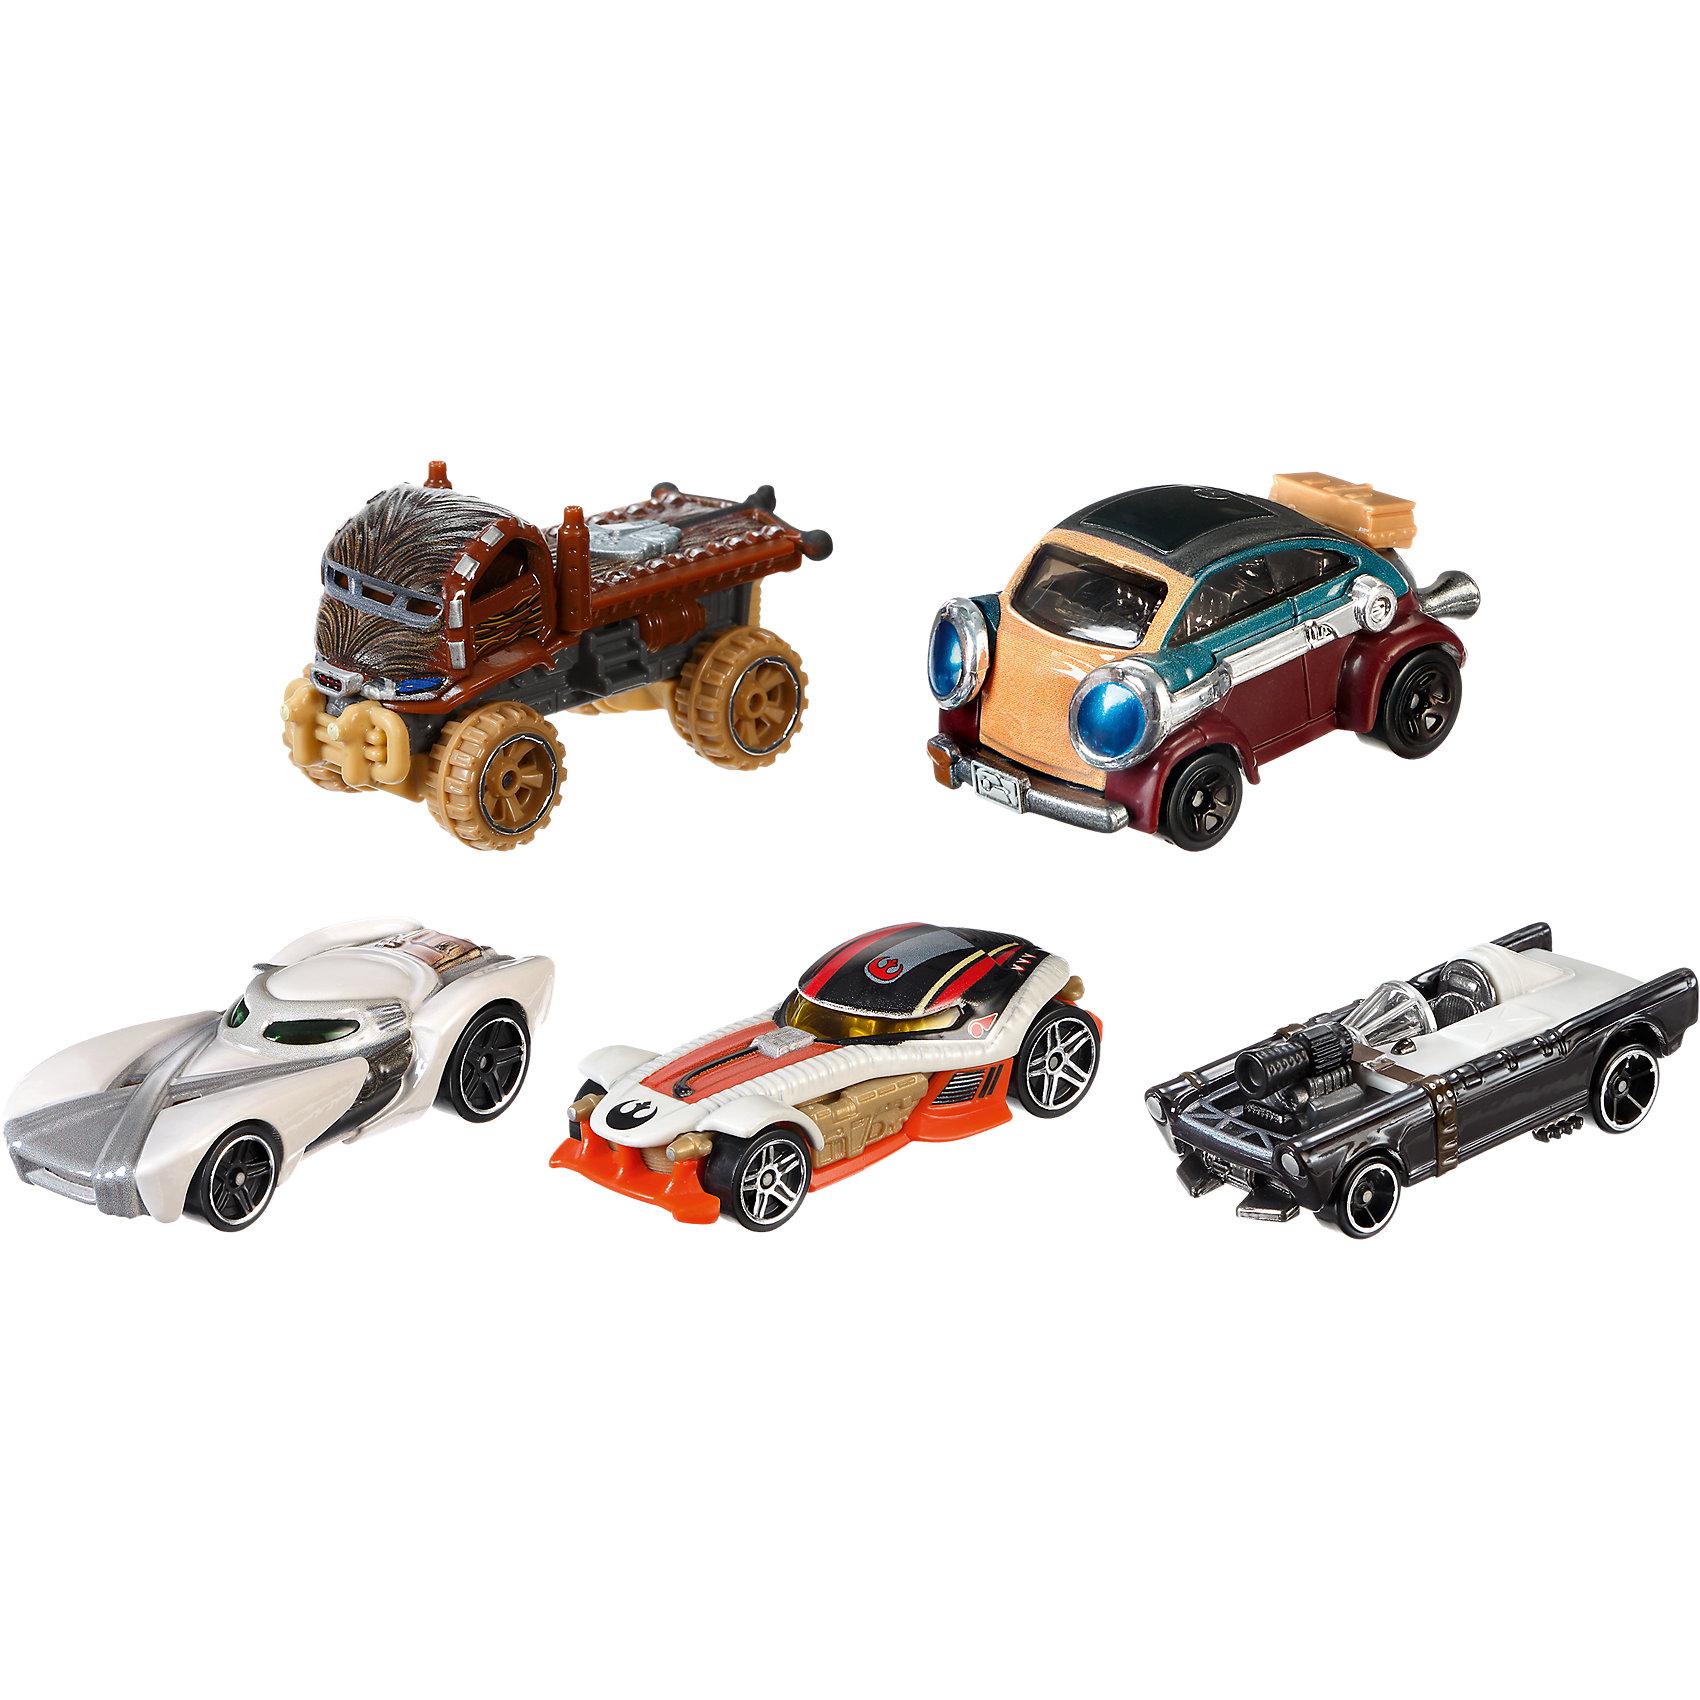 Набор из 5 машинок Звездные войны, Hot WheelsЗвездные войны<br>Набор из 5 машинок Звездные войны, Hot Wheels<br><br>Каждая из этих небольших игрушек в виде машинок выполнена <br>в масштабе 1:64. Машинки сделаны в стиле персонажей фильма «Звездные войны». Колесики машинок крутятся!<br>Набор изготовлен из качественного пластика с металлическими элементами. Машинки сделаны из высококачественных, легких и безопасных для детей материалов (из качественного пластика с высокой детализацией). Продается в красивой тематической упаковке.<br><br>Дополнительная информация:<br><br>цвет: разноцветный;<br>комплектация: 5 машинок;<br>материал: пластик, металл;<br>размер упаковки: 24 x 9 x 12 см;<br>упаковка: коробка.<br><br>Набор из 5 машинок Звездные войны, Hot Wheels можно купить в нашем магазине.<br><br>Ширина мм: 233<br>Глубина мм: 116<br>Высота мм: 86<br>Вес г: 277<br>Возраст от месяцев: 36<br>Возраст до месяцев: 72<br>Пол: Мужской<br>Возраст: Детский<br>SKU: 4373755